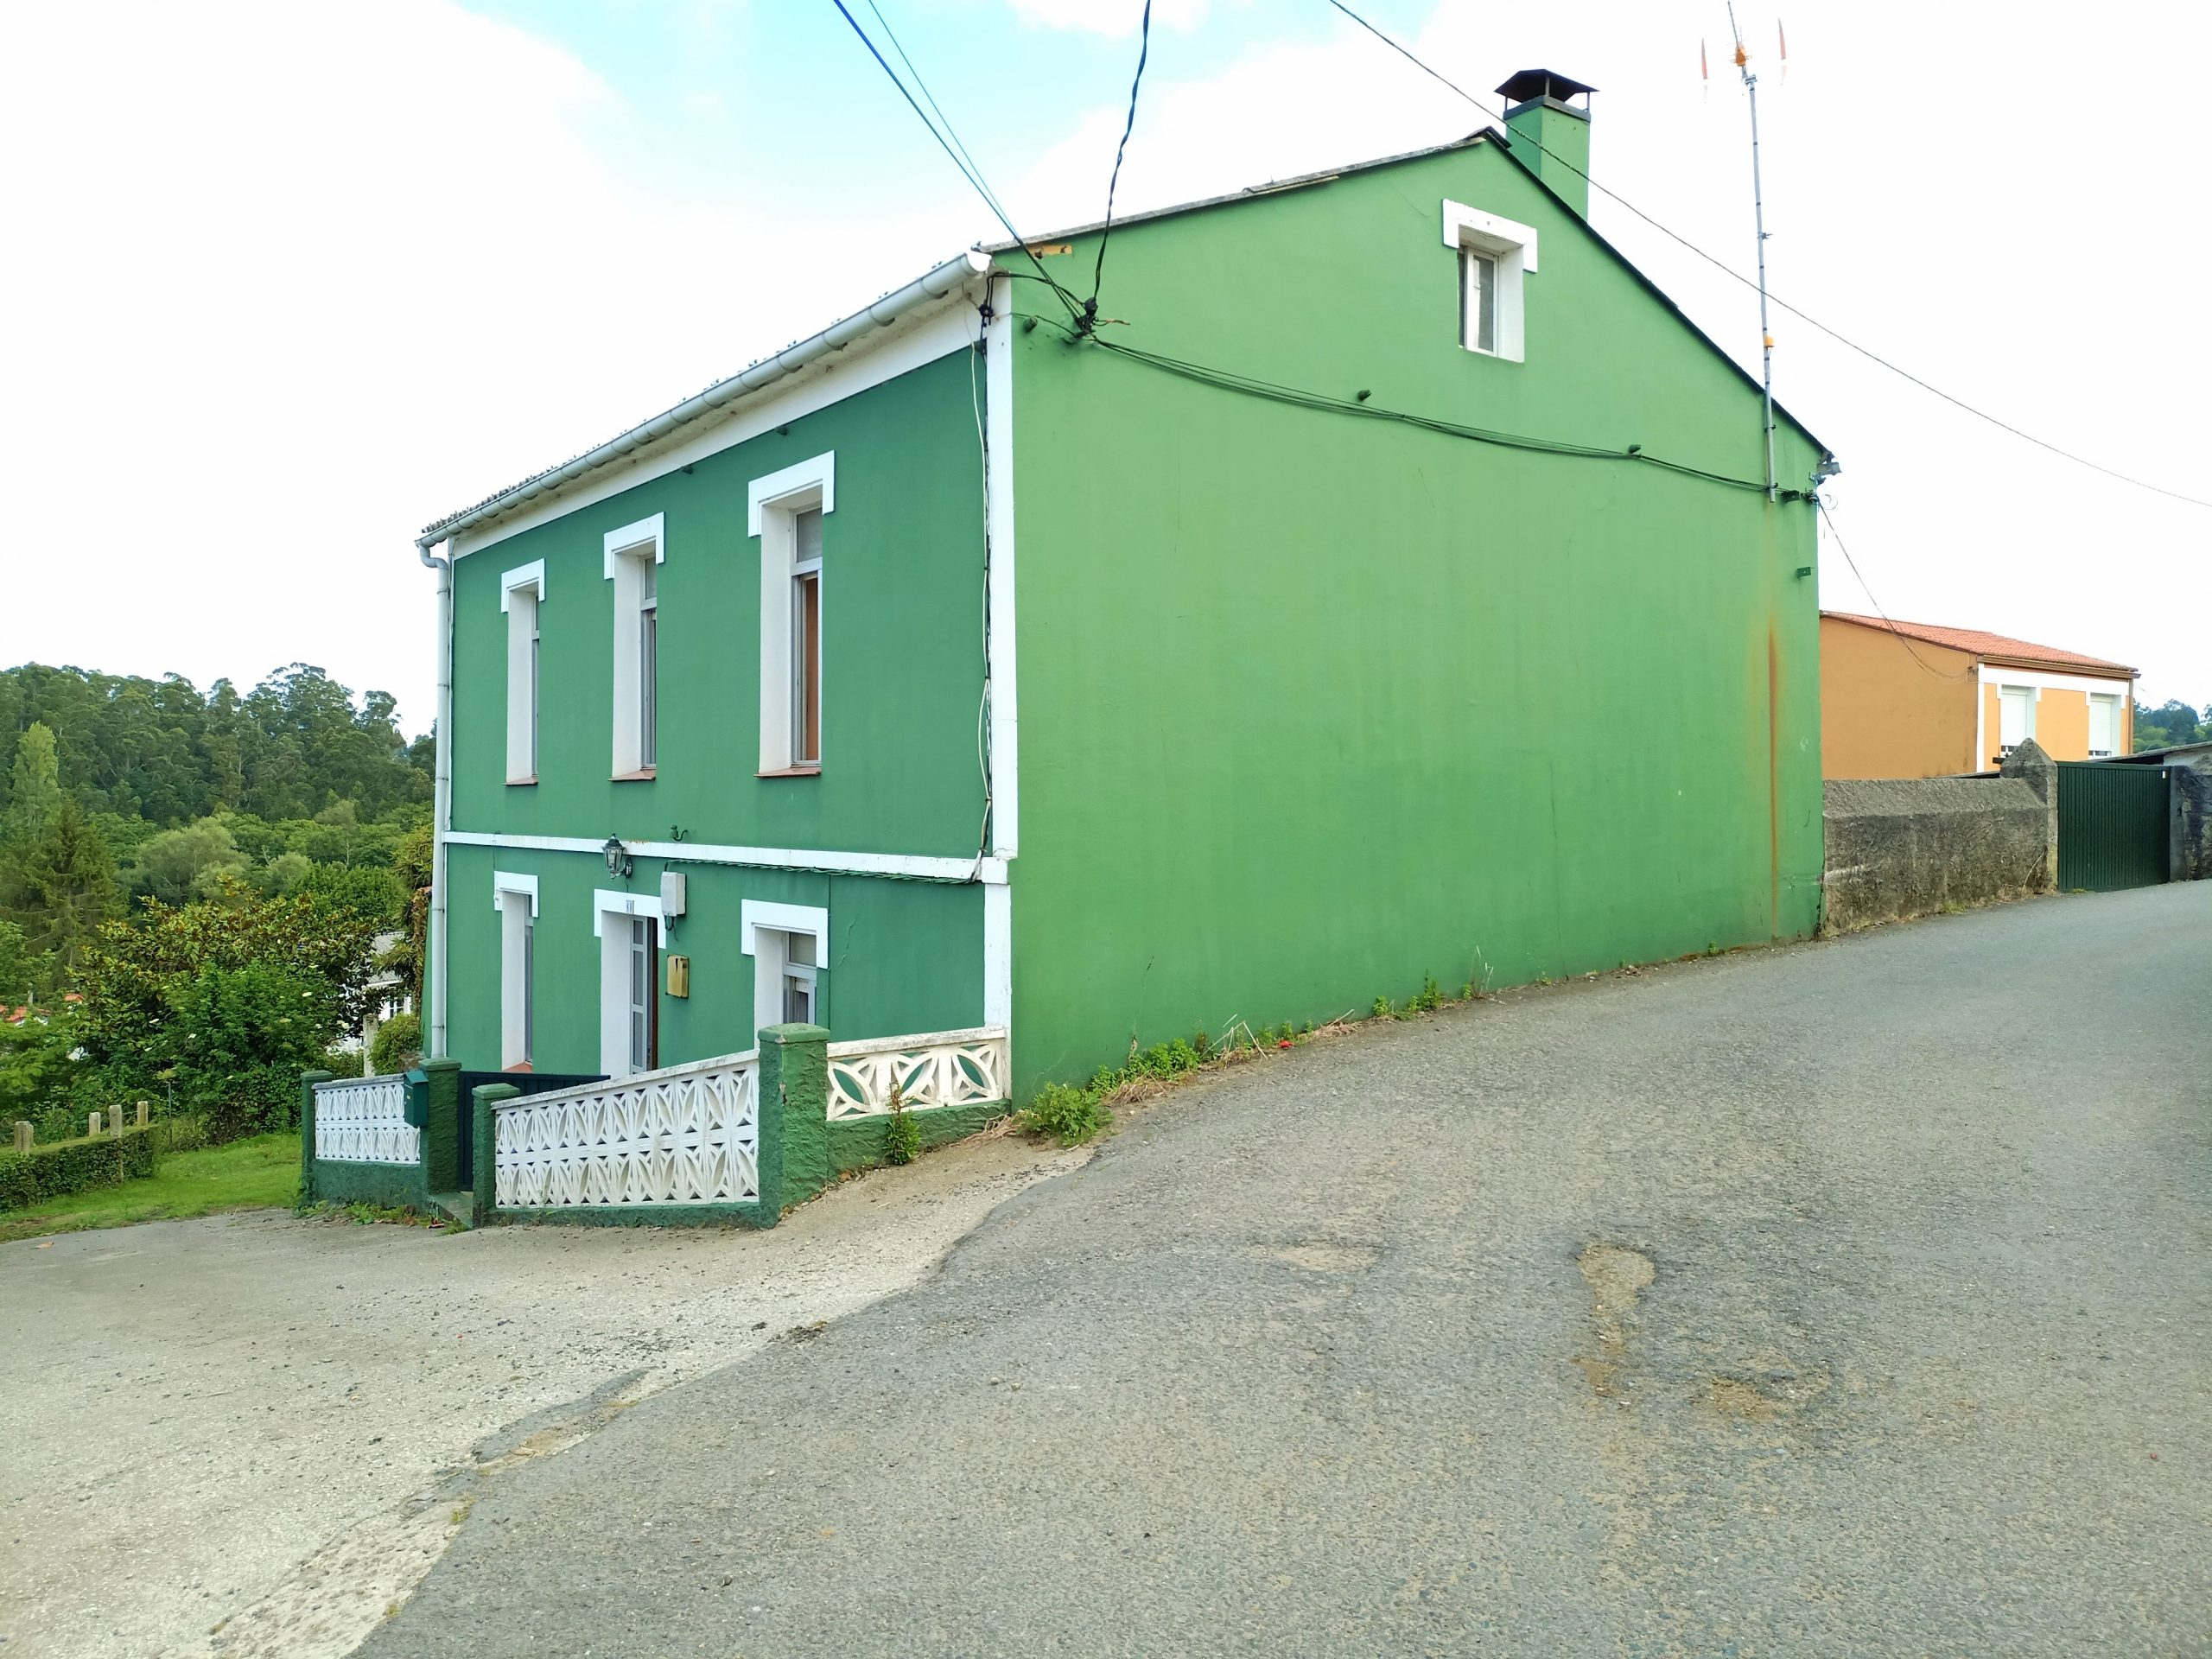 Casa unifamiliar en Samoedo- Sada